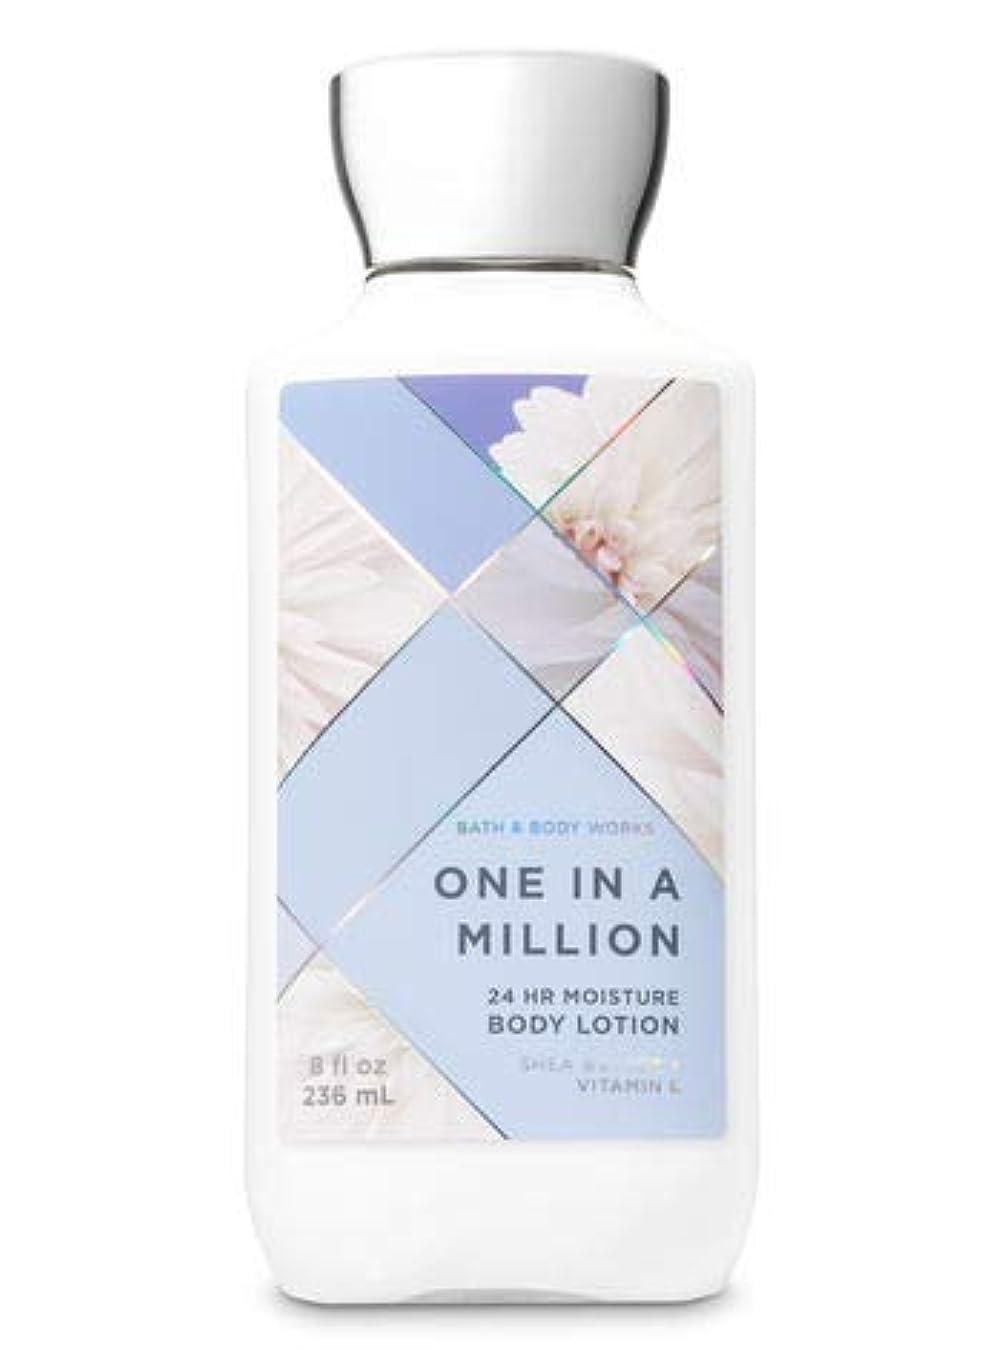 オール売るセブン【Bath&Body Works/バス&ボディワークス】 ボディローション ワンインアミリオン Super Smooth Body Lotion One in a Million 8 fl oz / 236 mL [並行輸入品]